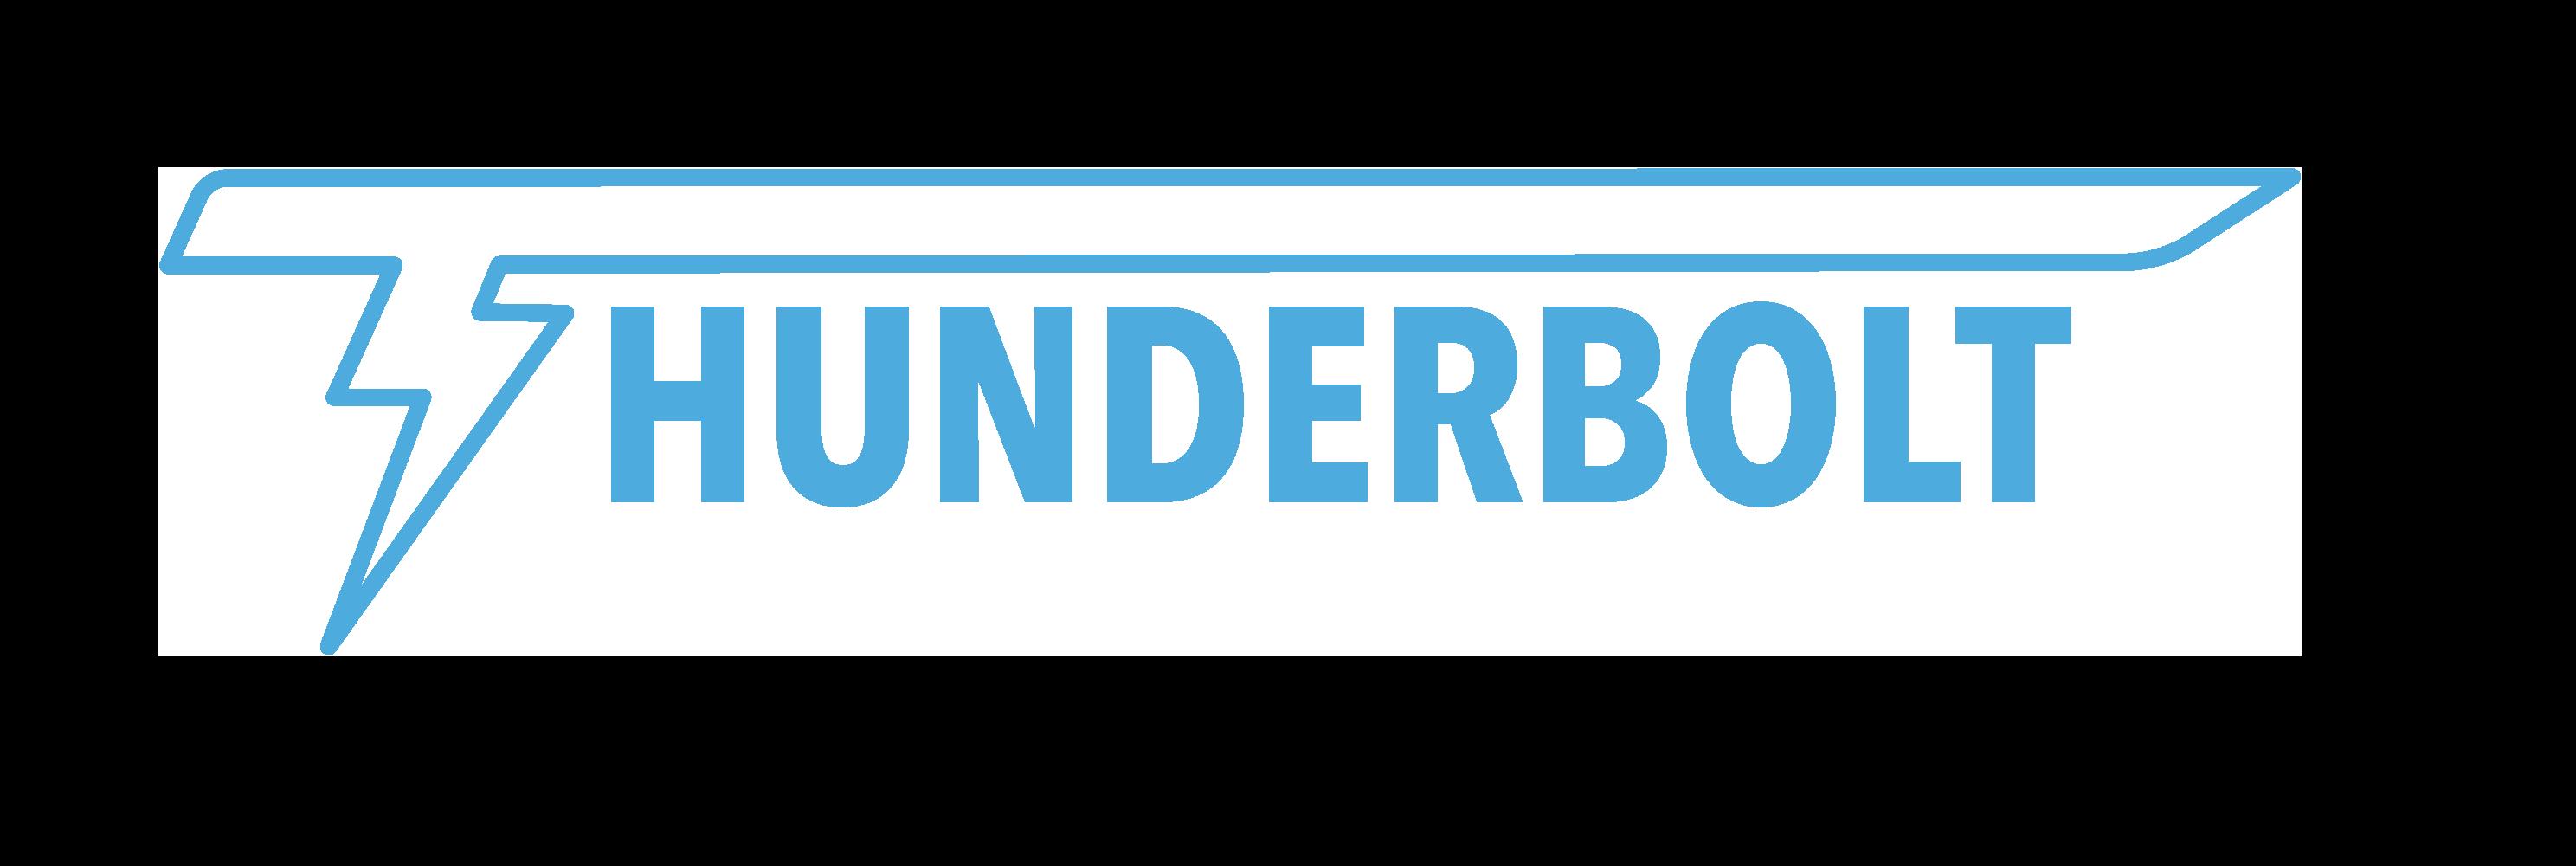 Thunderbolt Solutions